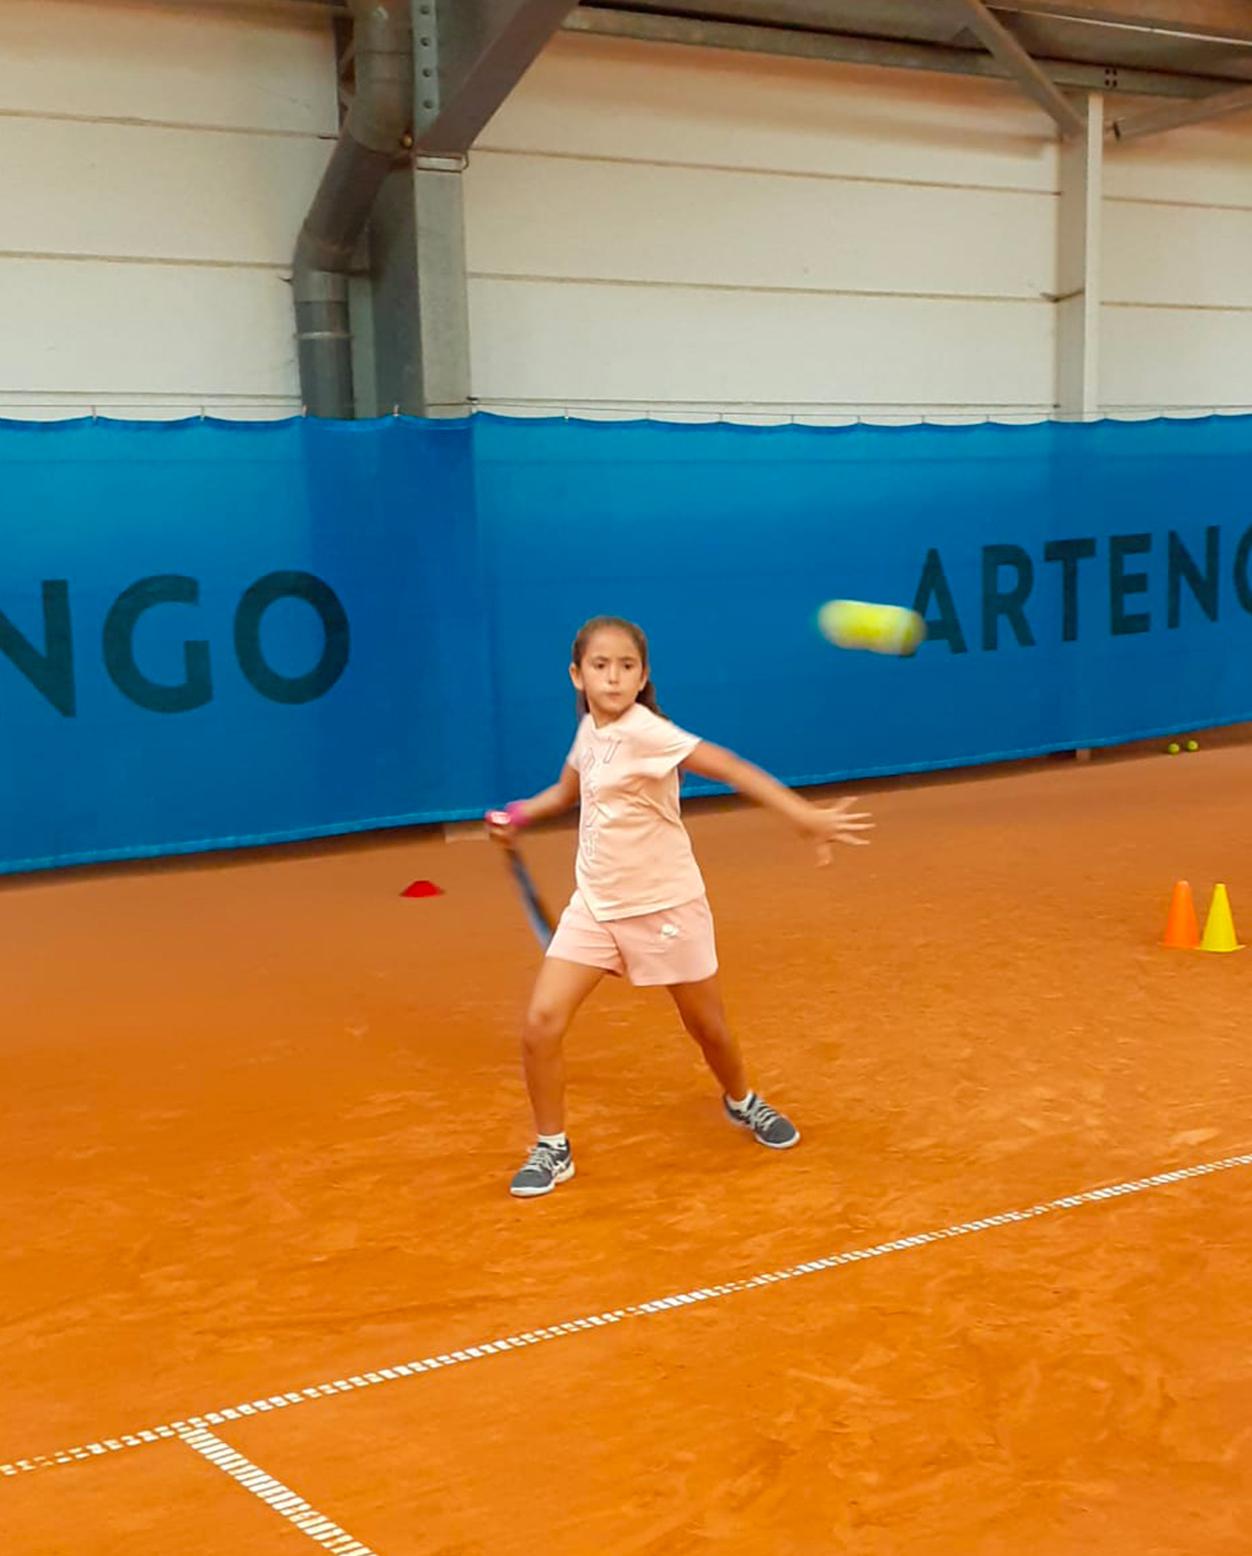 https://www.team-bms-tennis.fr/wp-content/uploads/2020/09/Manel.jpg